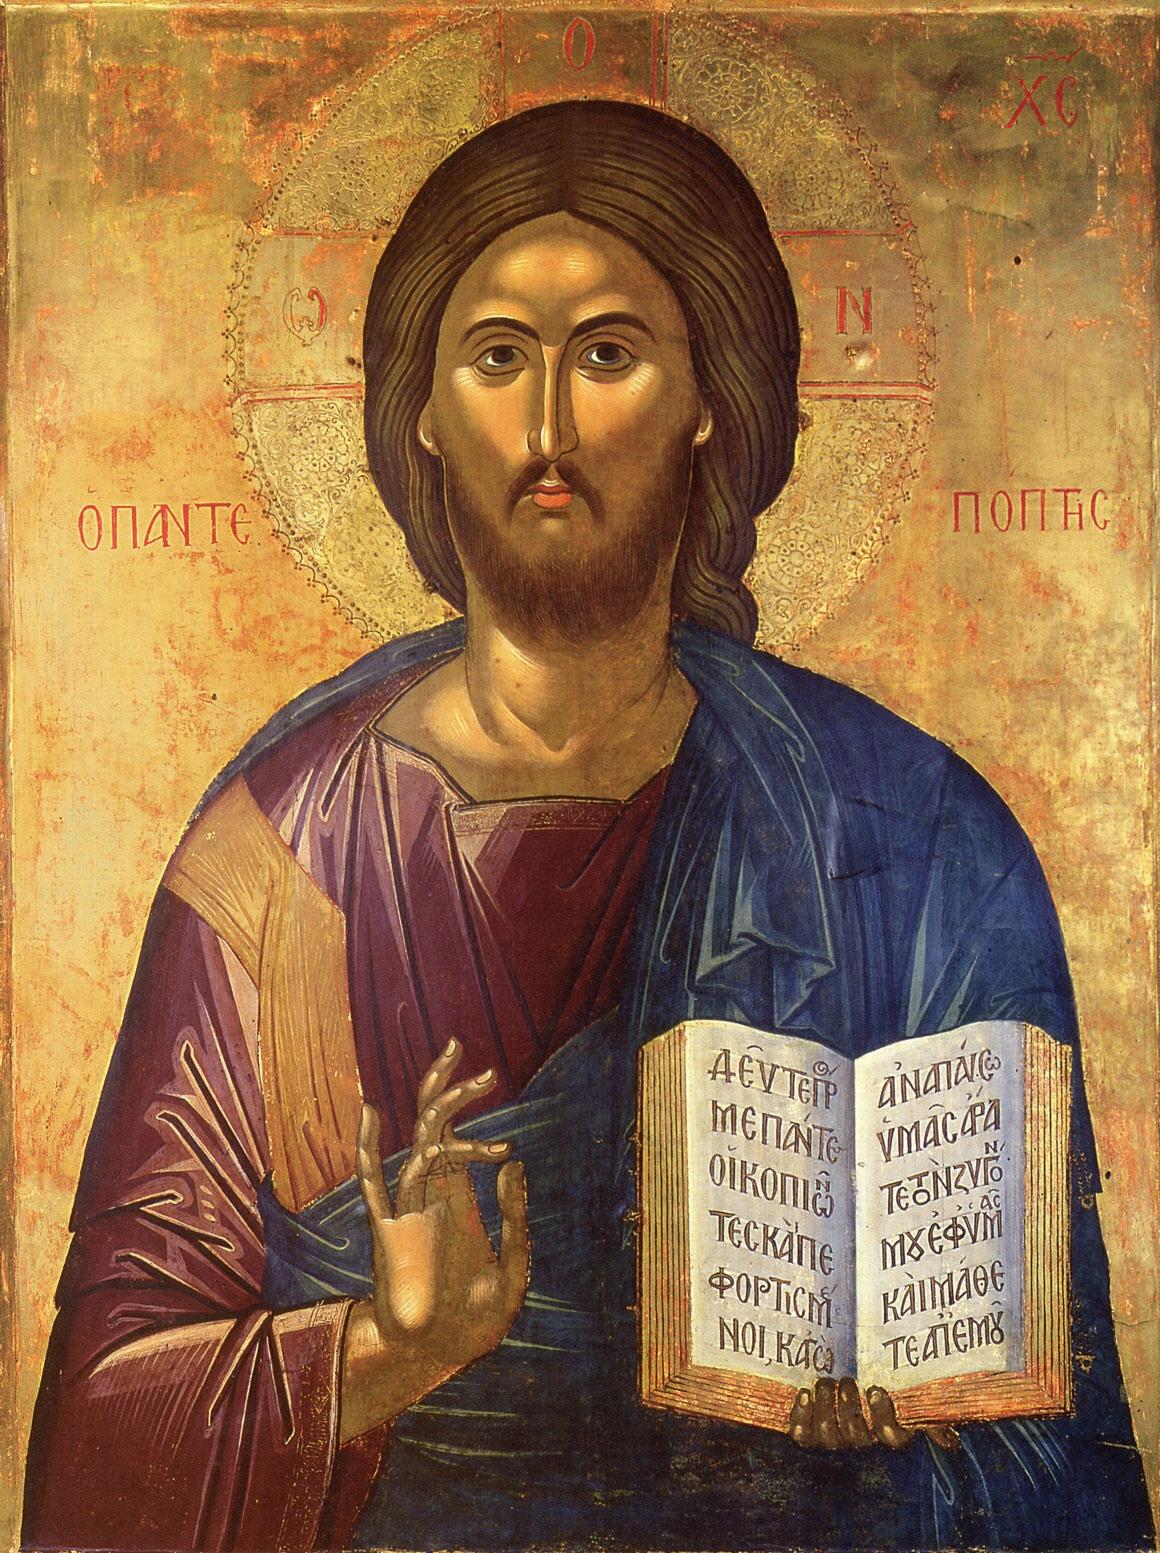 Κύριε Ιησού Χριστέ, Υιέ του Θεού, ελέησον ημάς τους αμαρτωλούς